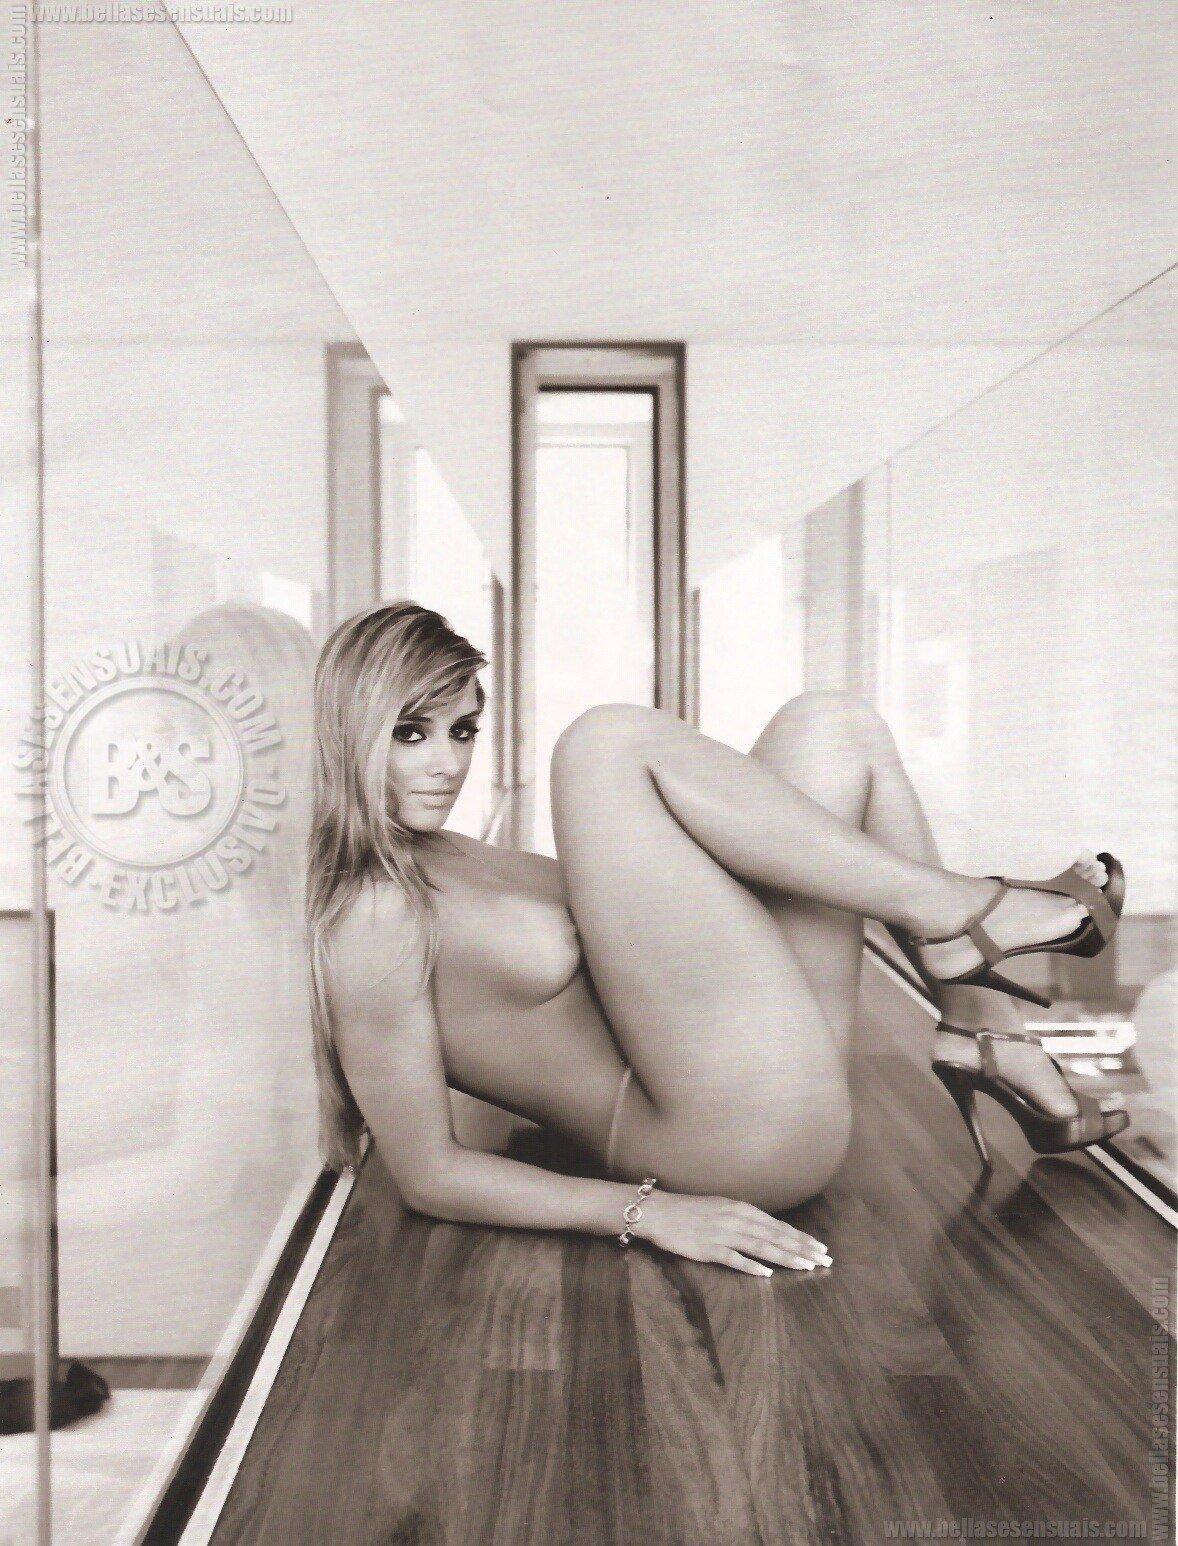 Fotos Playboy Panicat Juju Salimeni Janeiro (8)